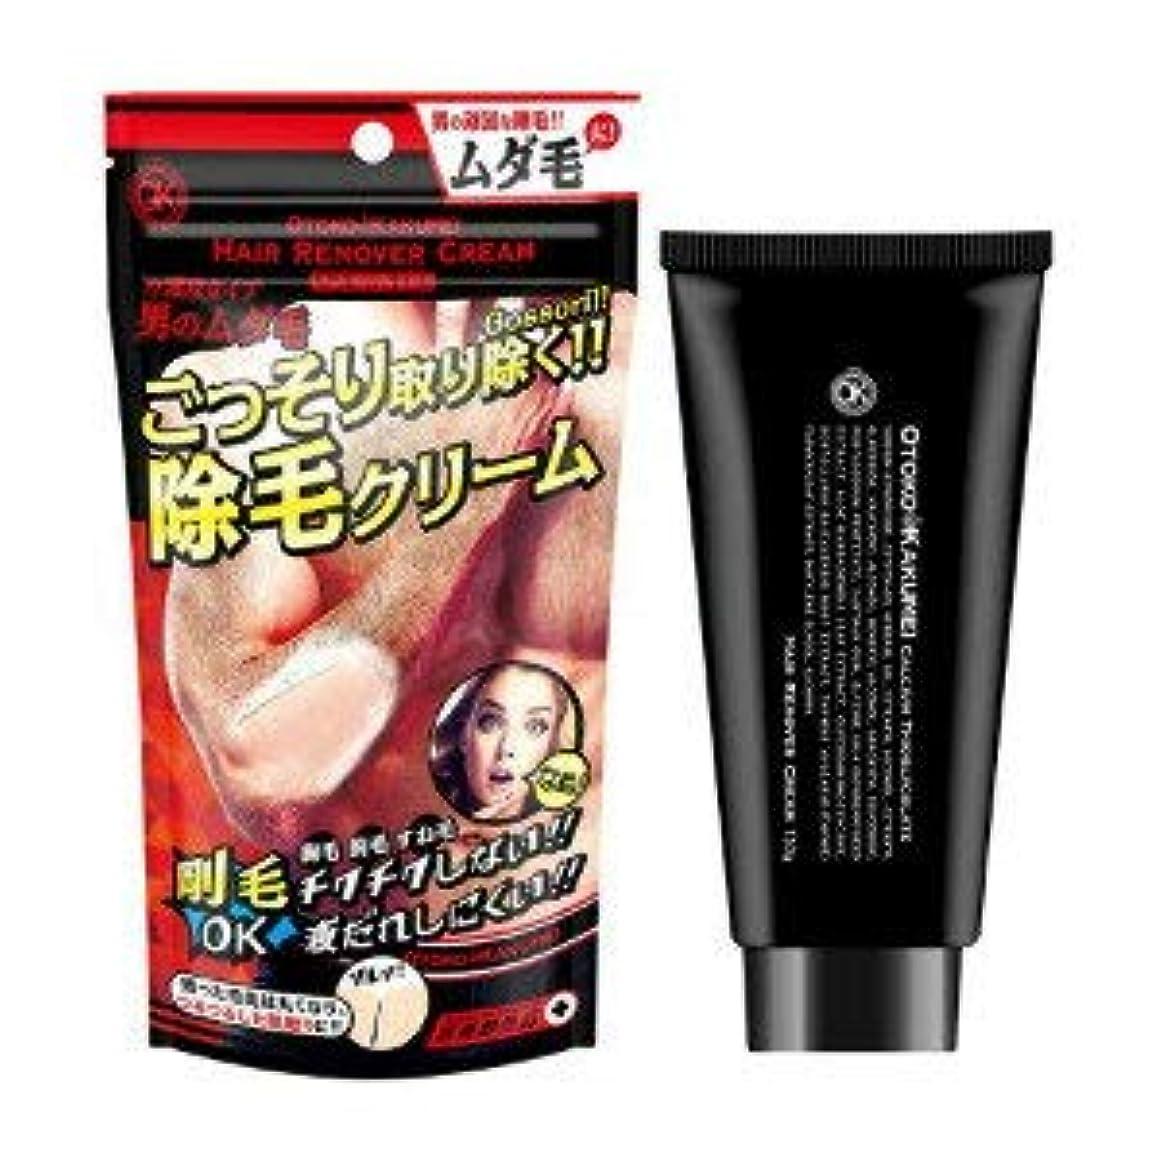 ライオン投げるストリップGR OTOKO KAKUMEI ヘアリムーバークリーム 130g×3個セット (医薬部外品)